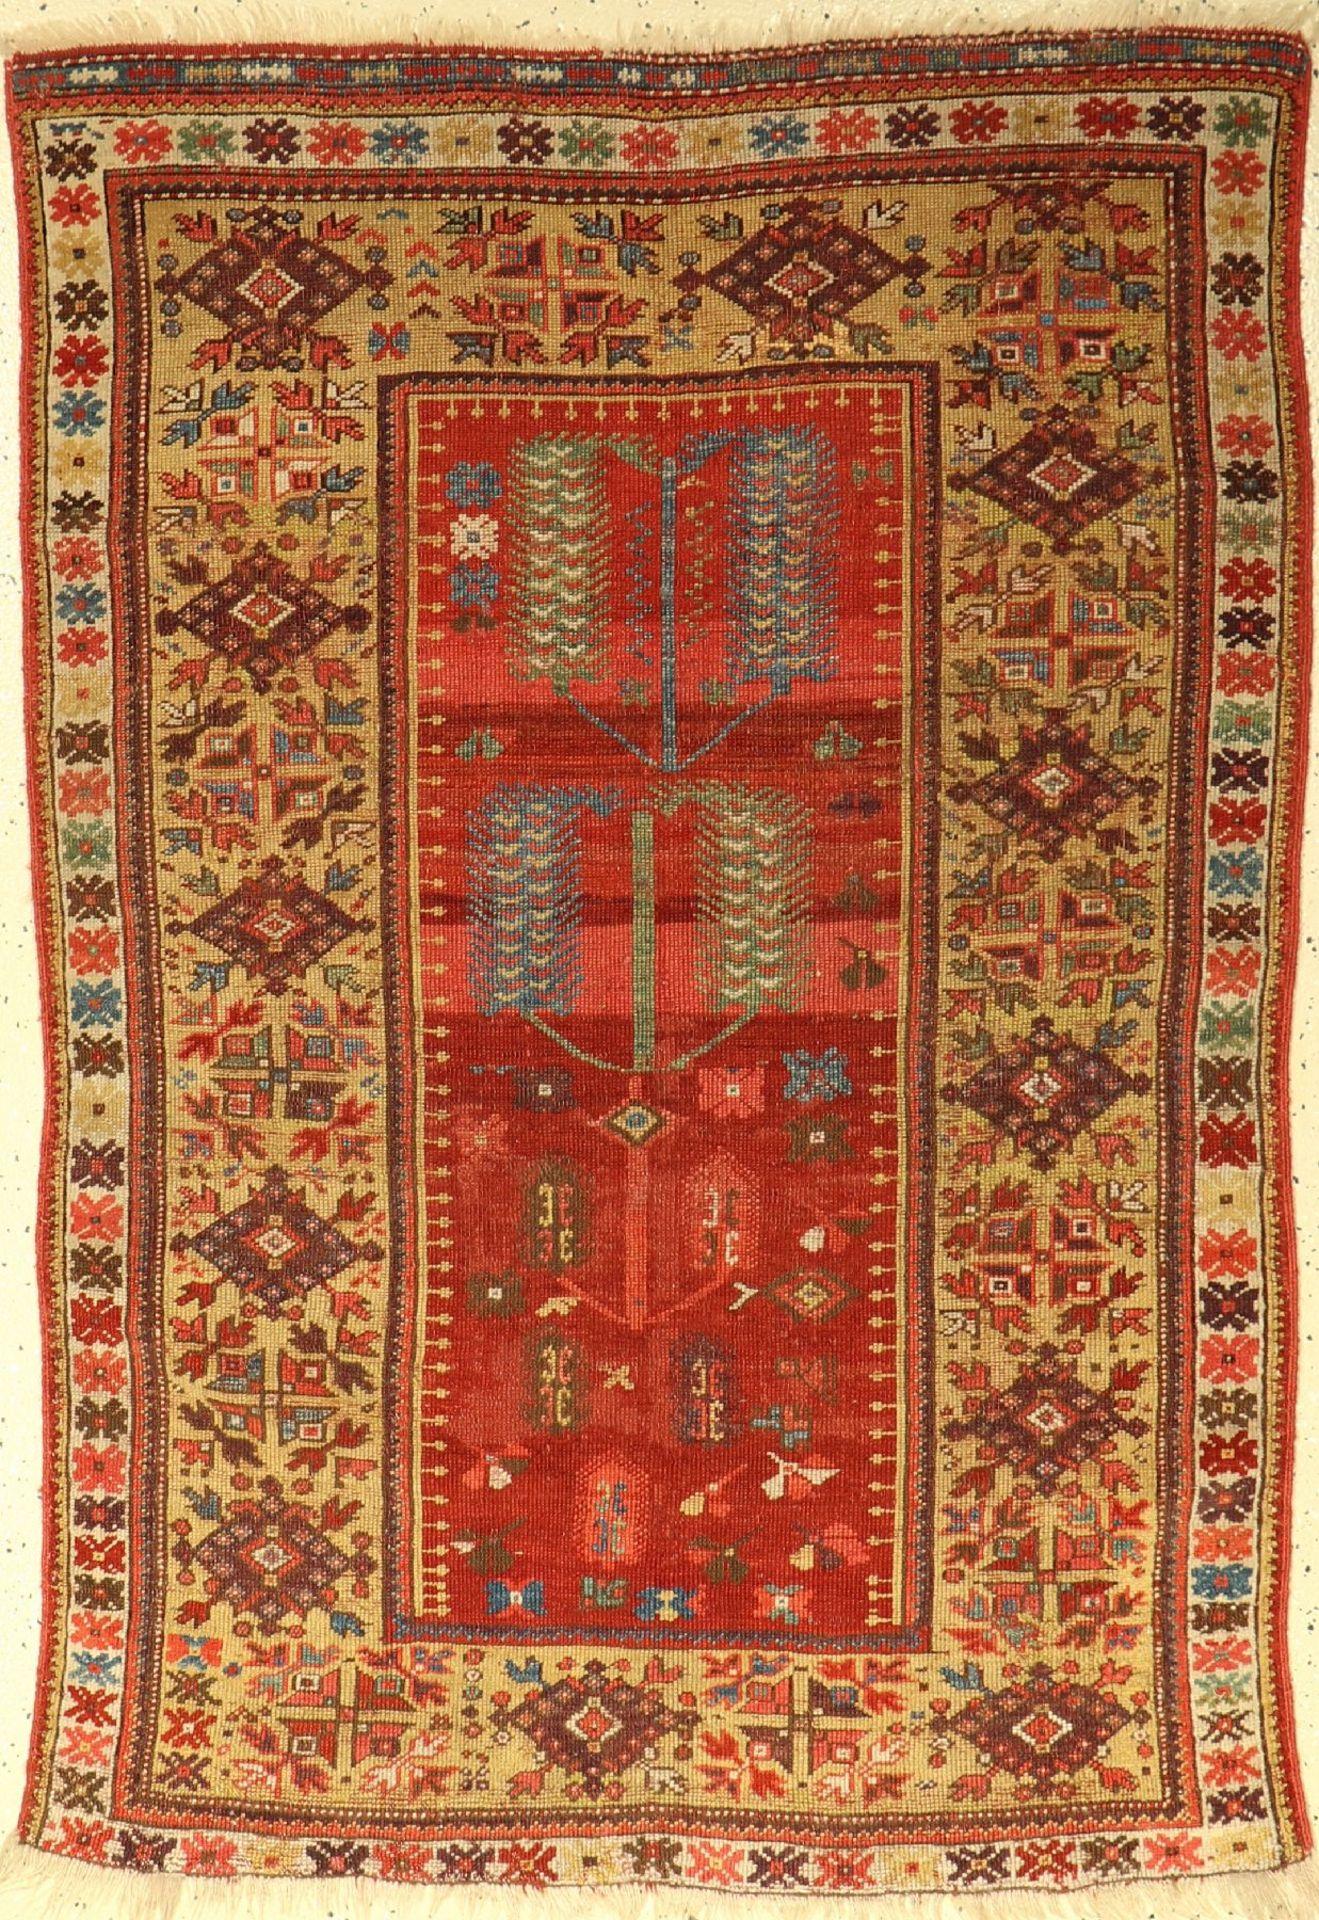 Melas antik, Türkei, Mitte 19.Jhd., Wolle auf Wolle, ca. 152 x 107 cm, EHZ: 4